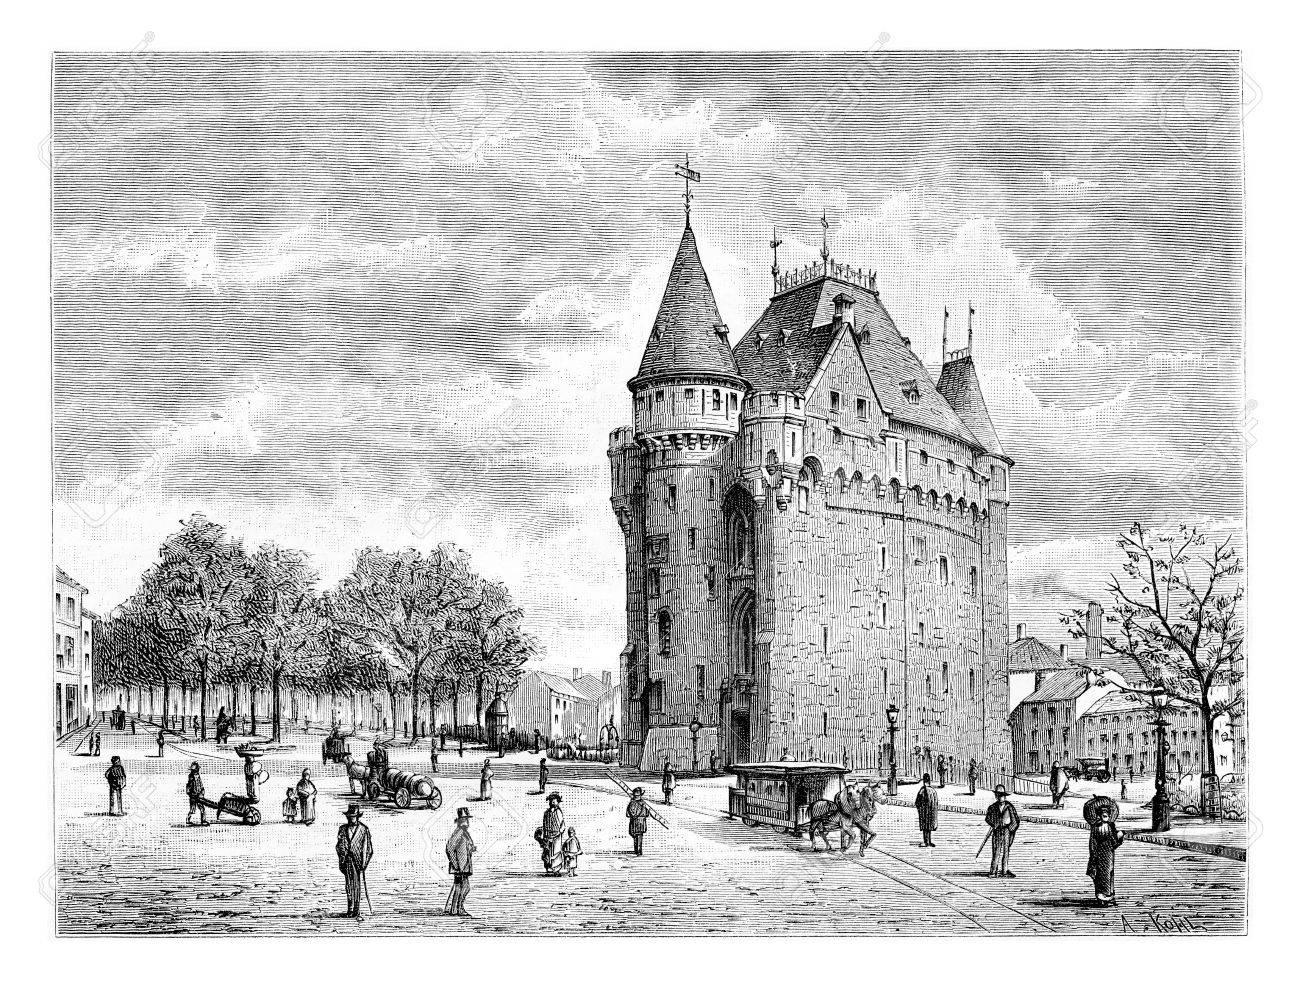 Porte De Hal In Brussels, Belgium, Drawing By Taelemans, Vintage  Illustration. Le